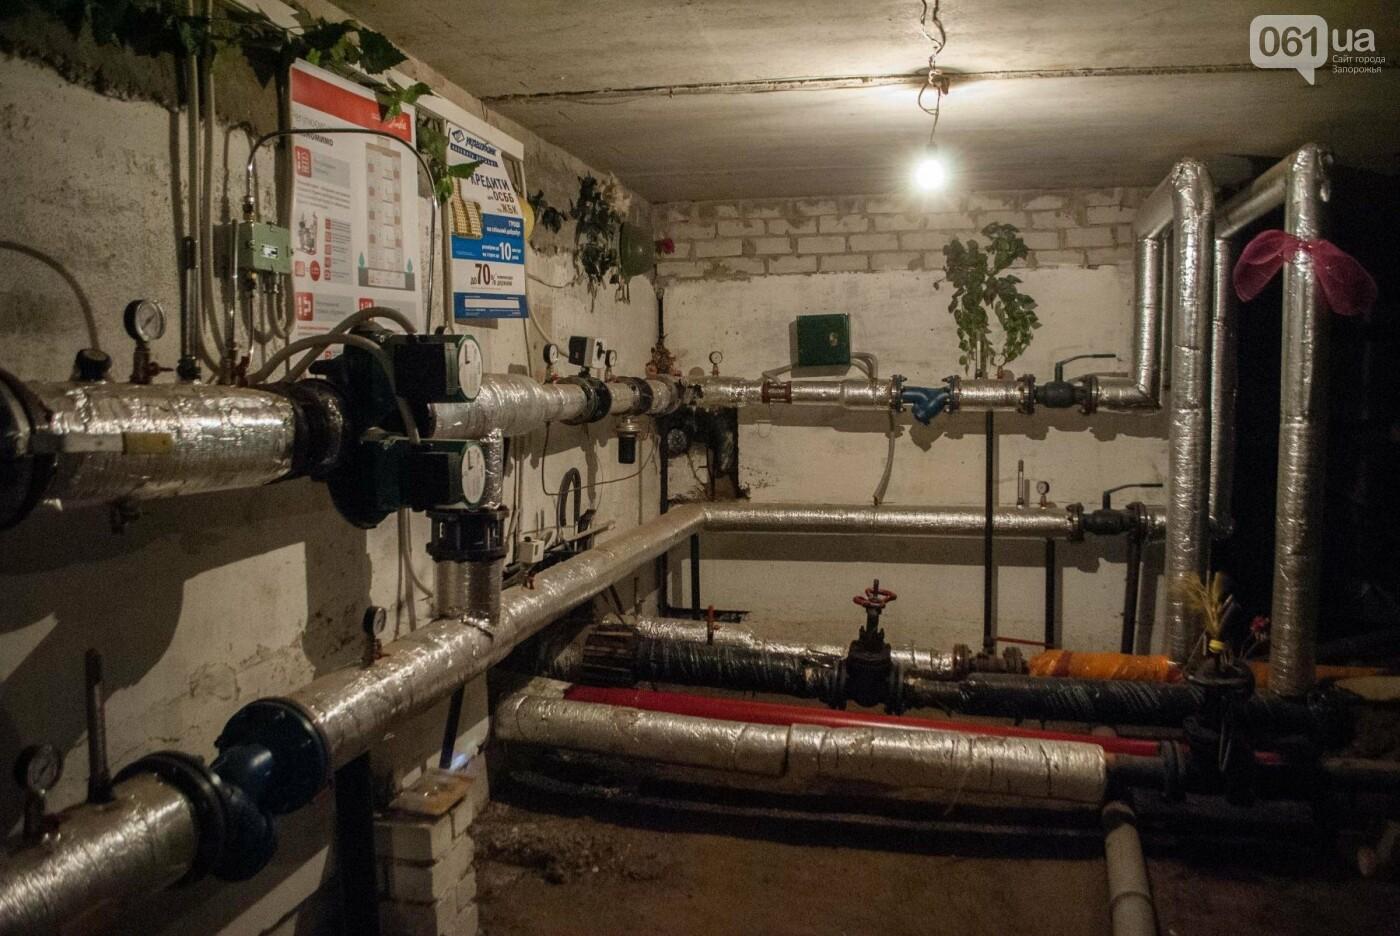 Сам себе хозяин: как запорожские ОСМД занимаются энергосбережением и значительно экономят на тарифах, — ФОТО, фото-34